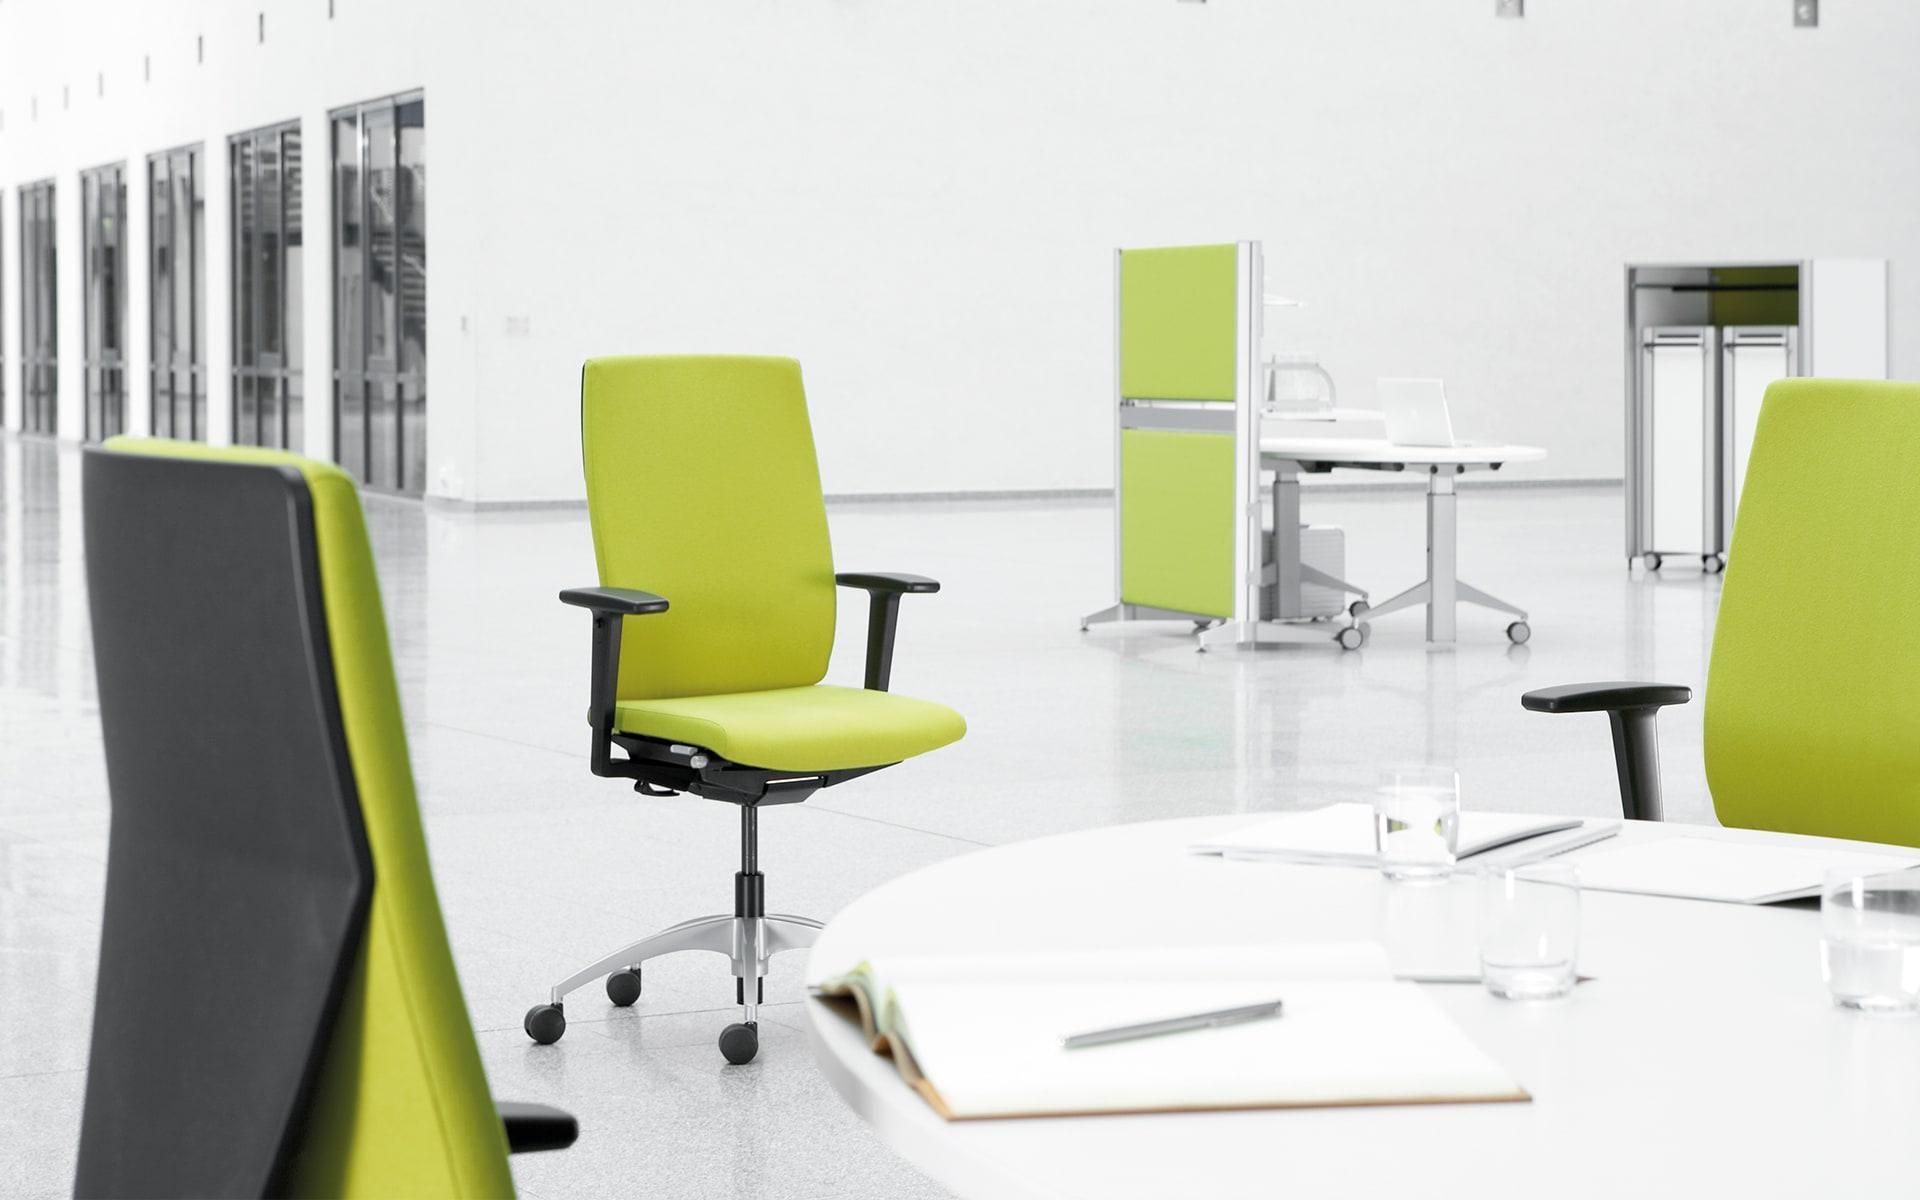 K+N Signeta Drehstuhl von ITO Design mit hellgrünem Polster in minimalistischem Arbeitsraum